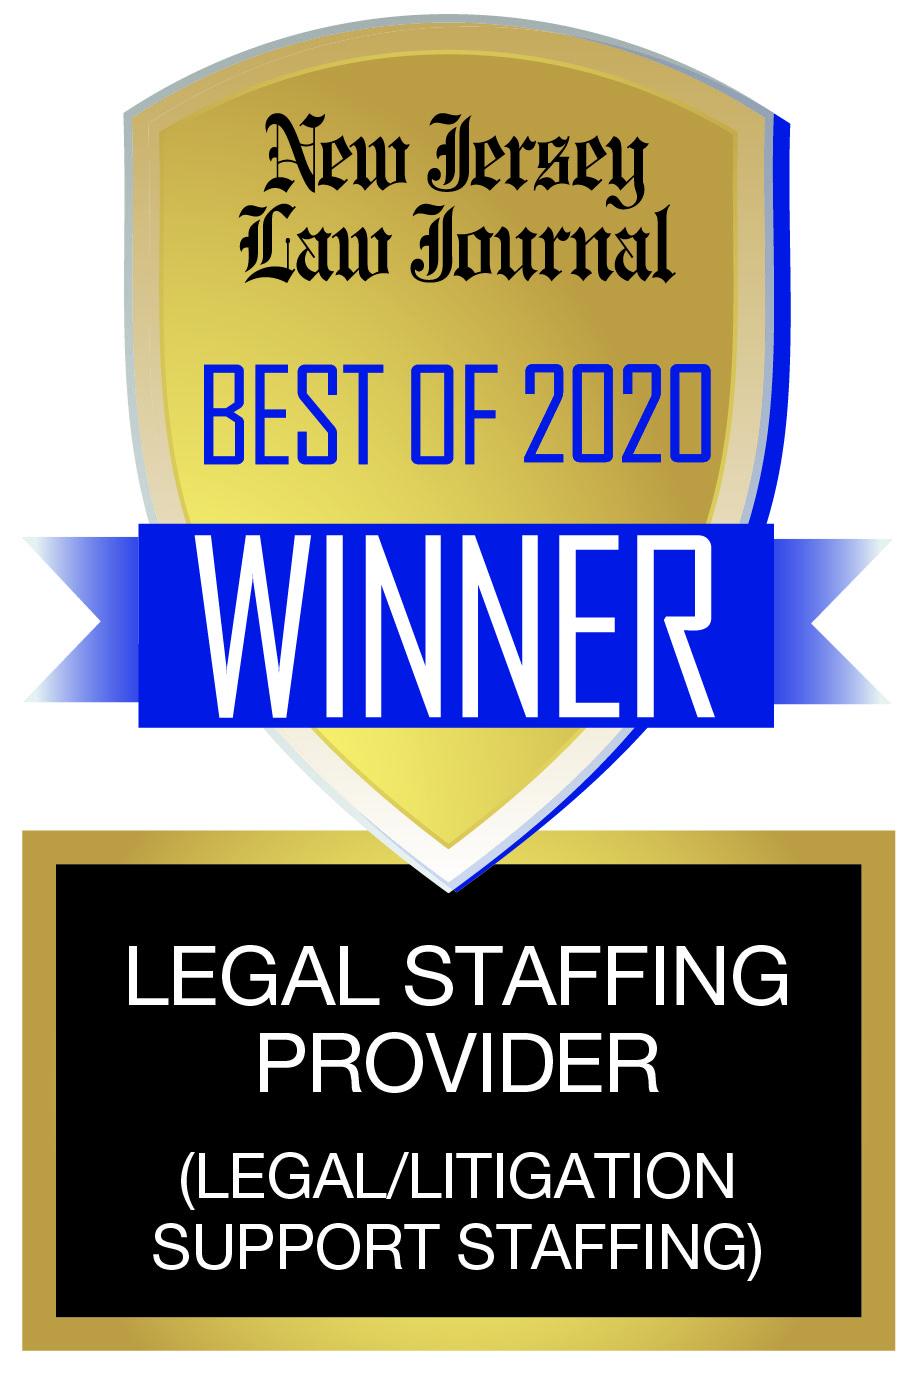 New Jersey Law Journal Winner